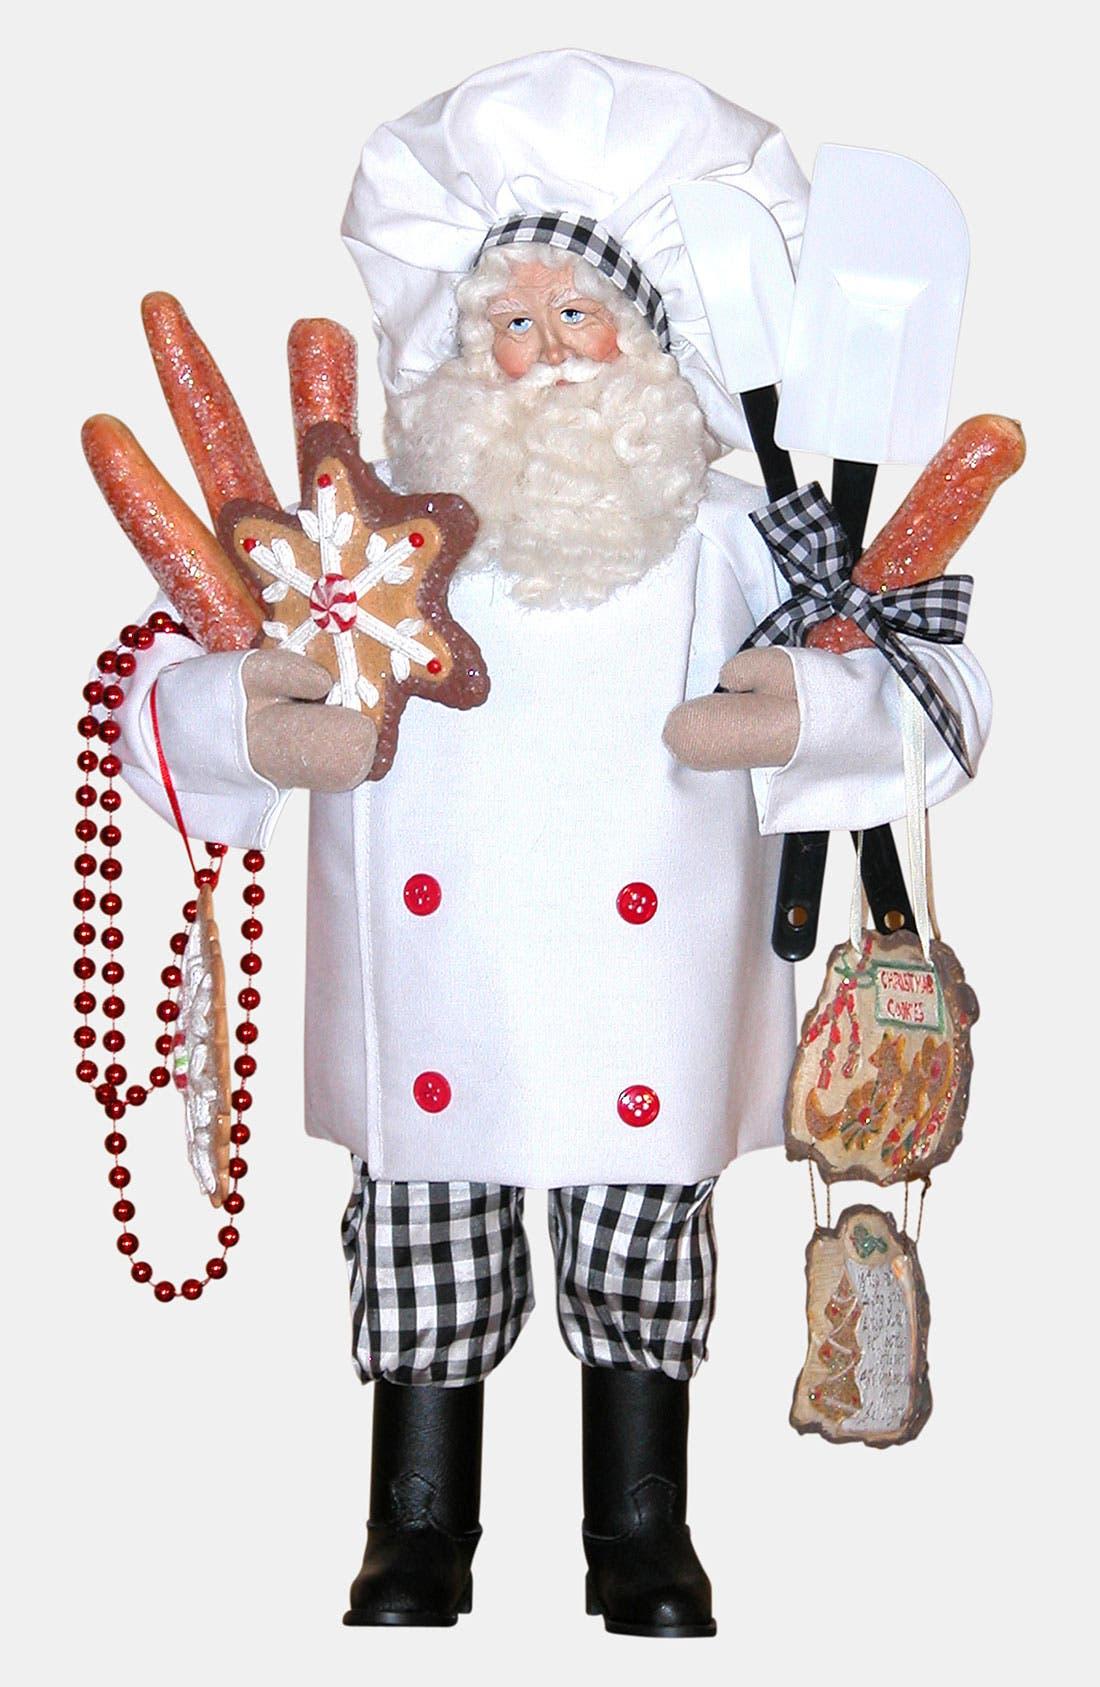 Main Image - Lynn Haney 'Sugared Delights' Santa Figurine (Nordstrom Exclusive)